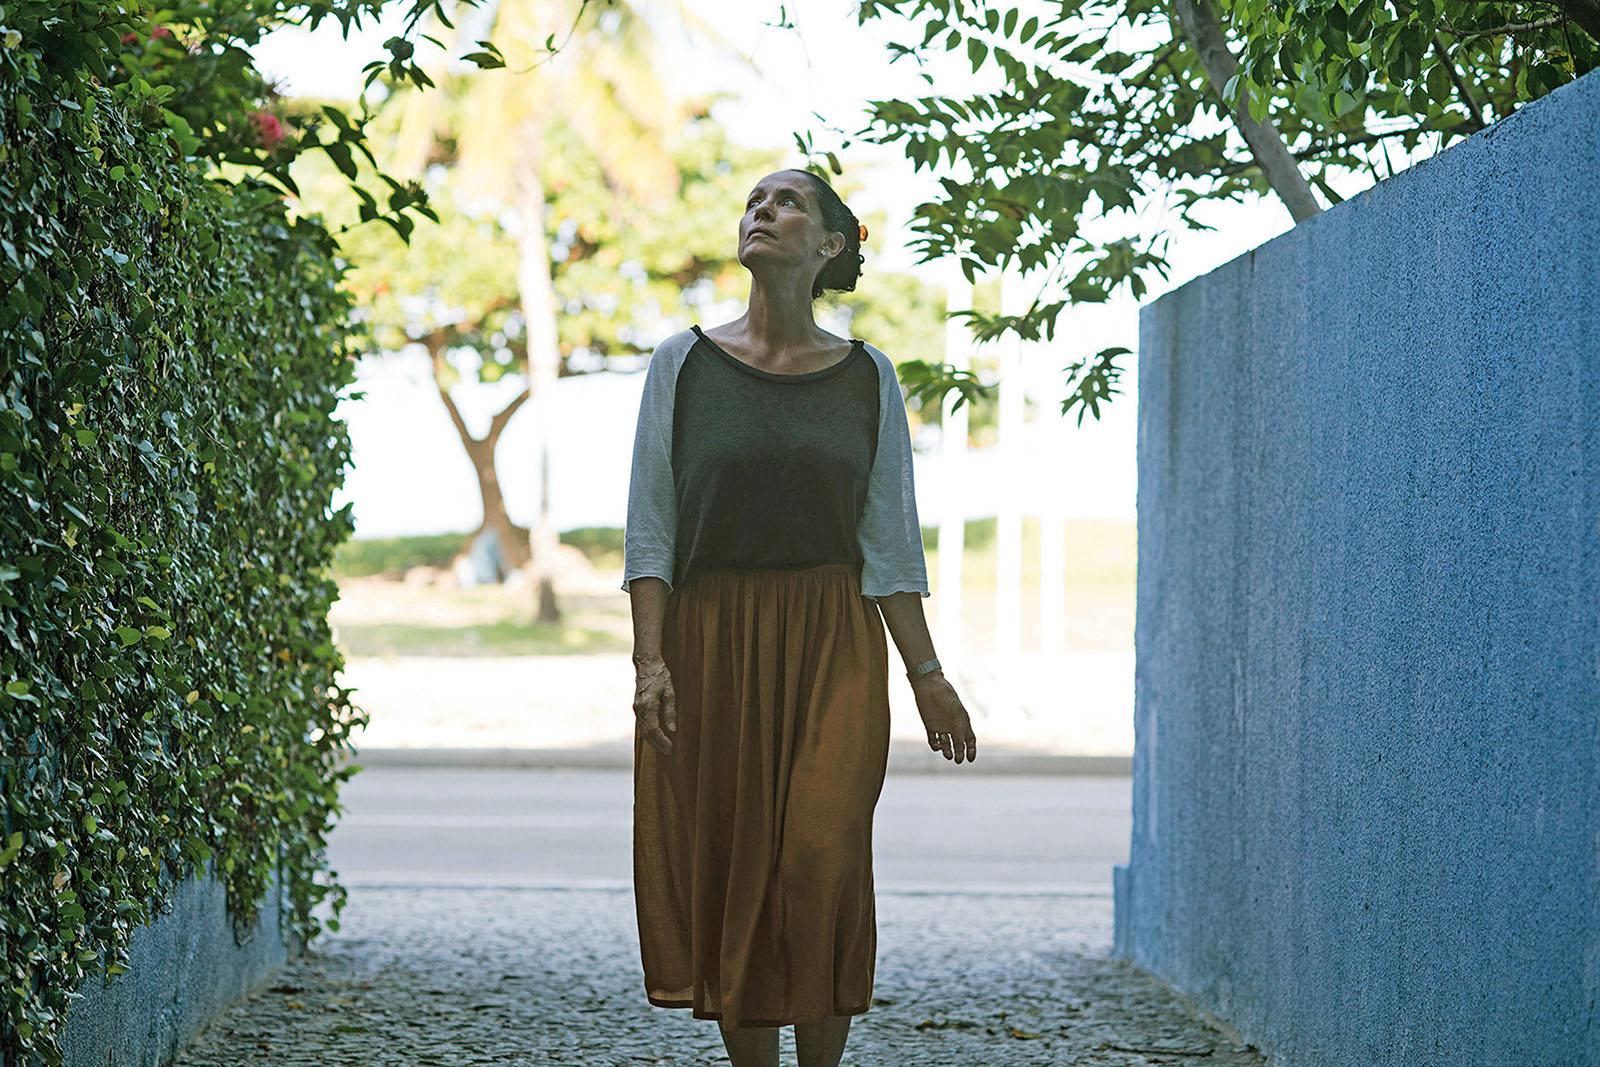 PÚBLICO - Sonia Braga é o nosso edifício